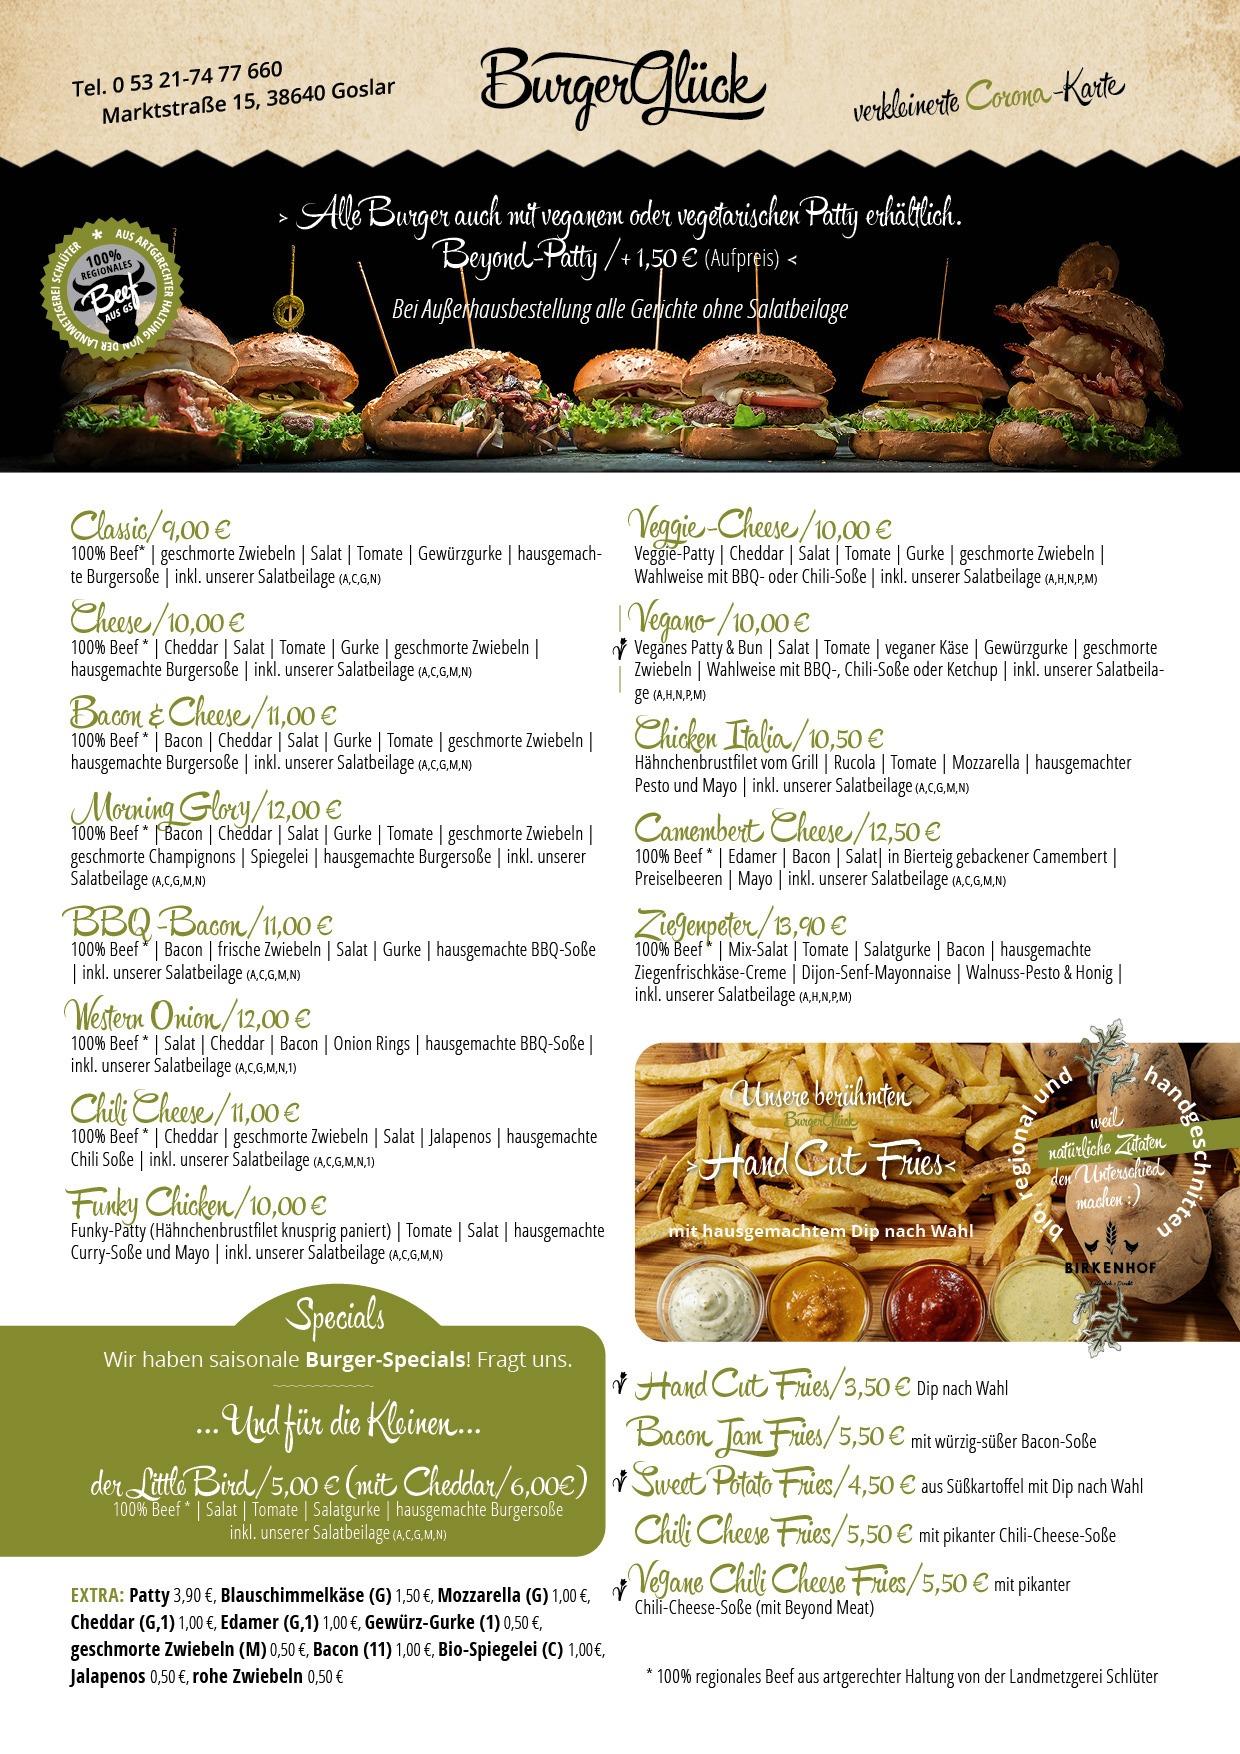 Burgerglueck Speisekarte Restaurant Teil 1